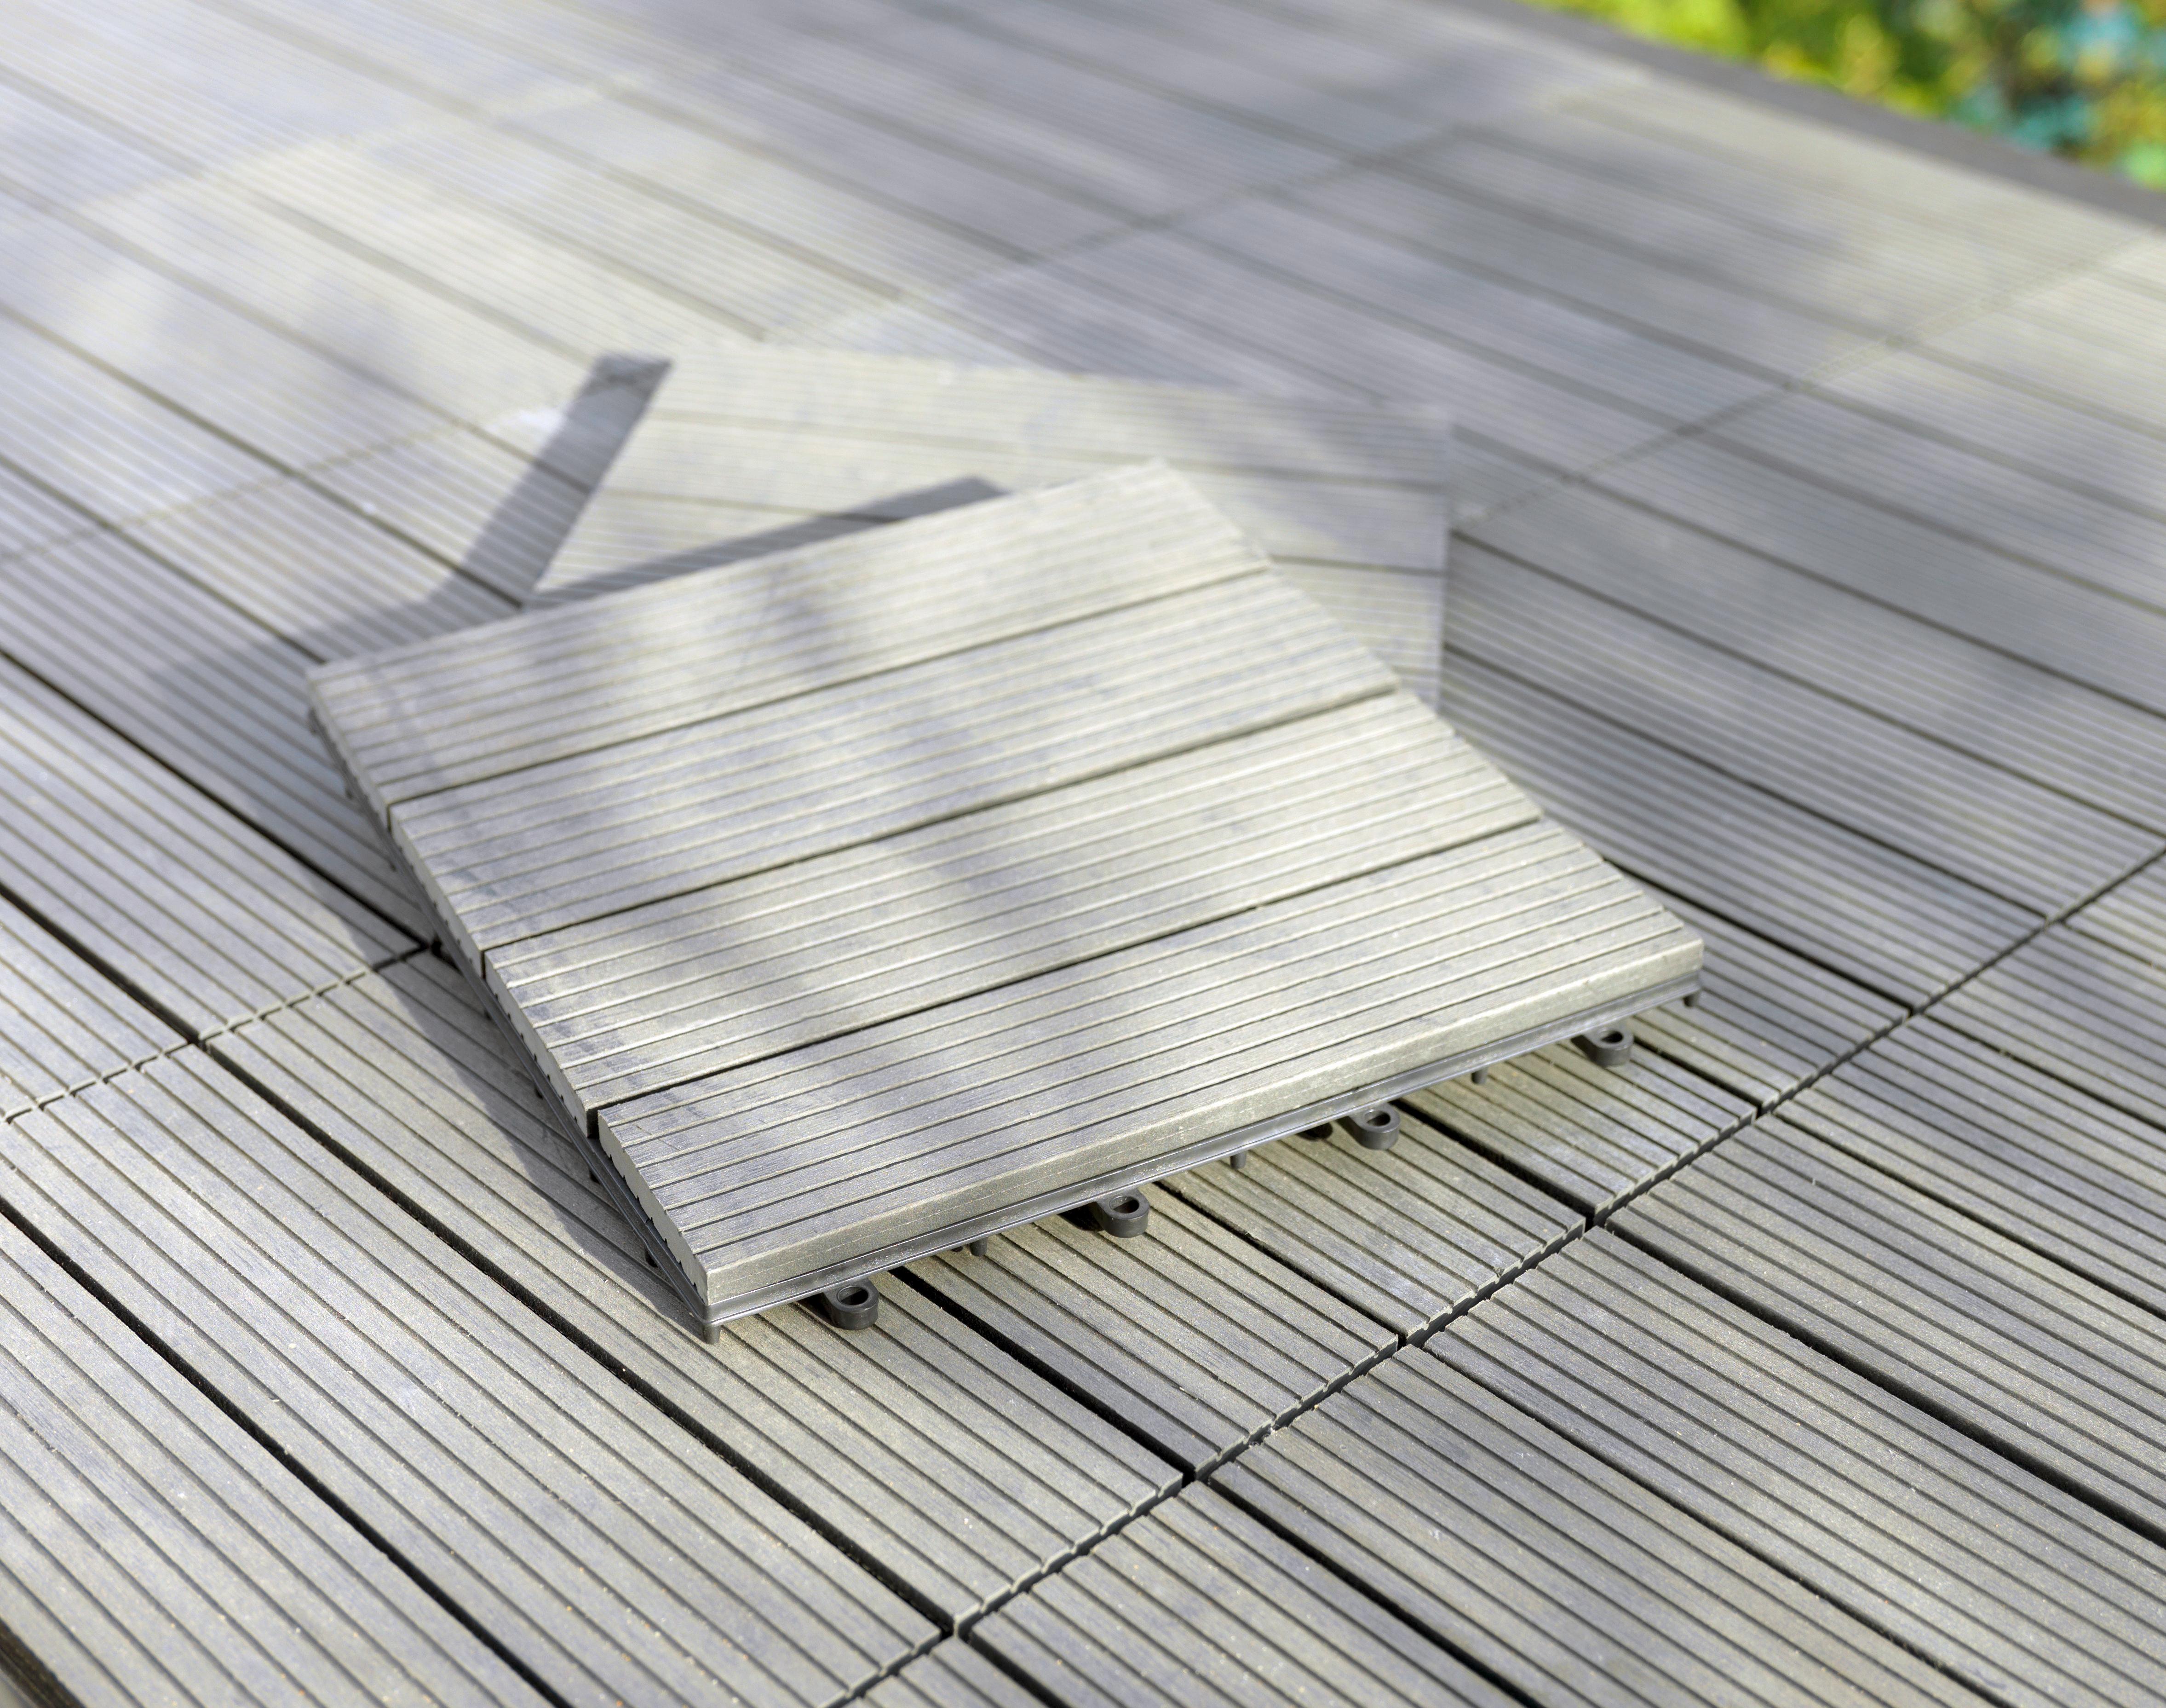 terrassenfliese willi in grau ca. 30x2,2x30cm online kaufen ➤ mömax